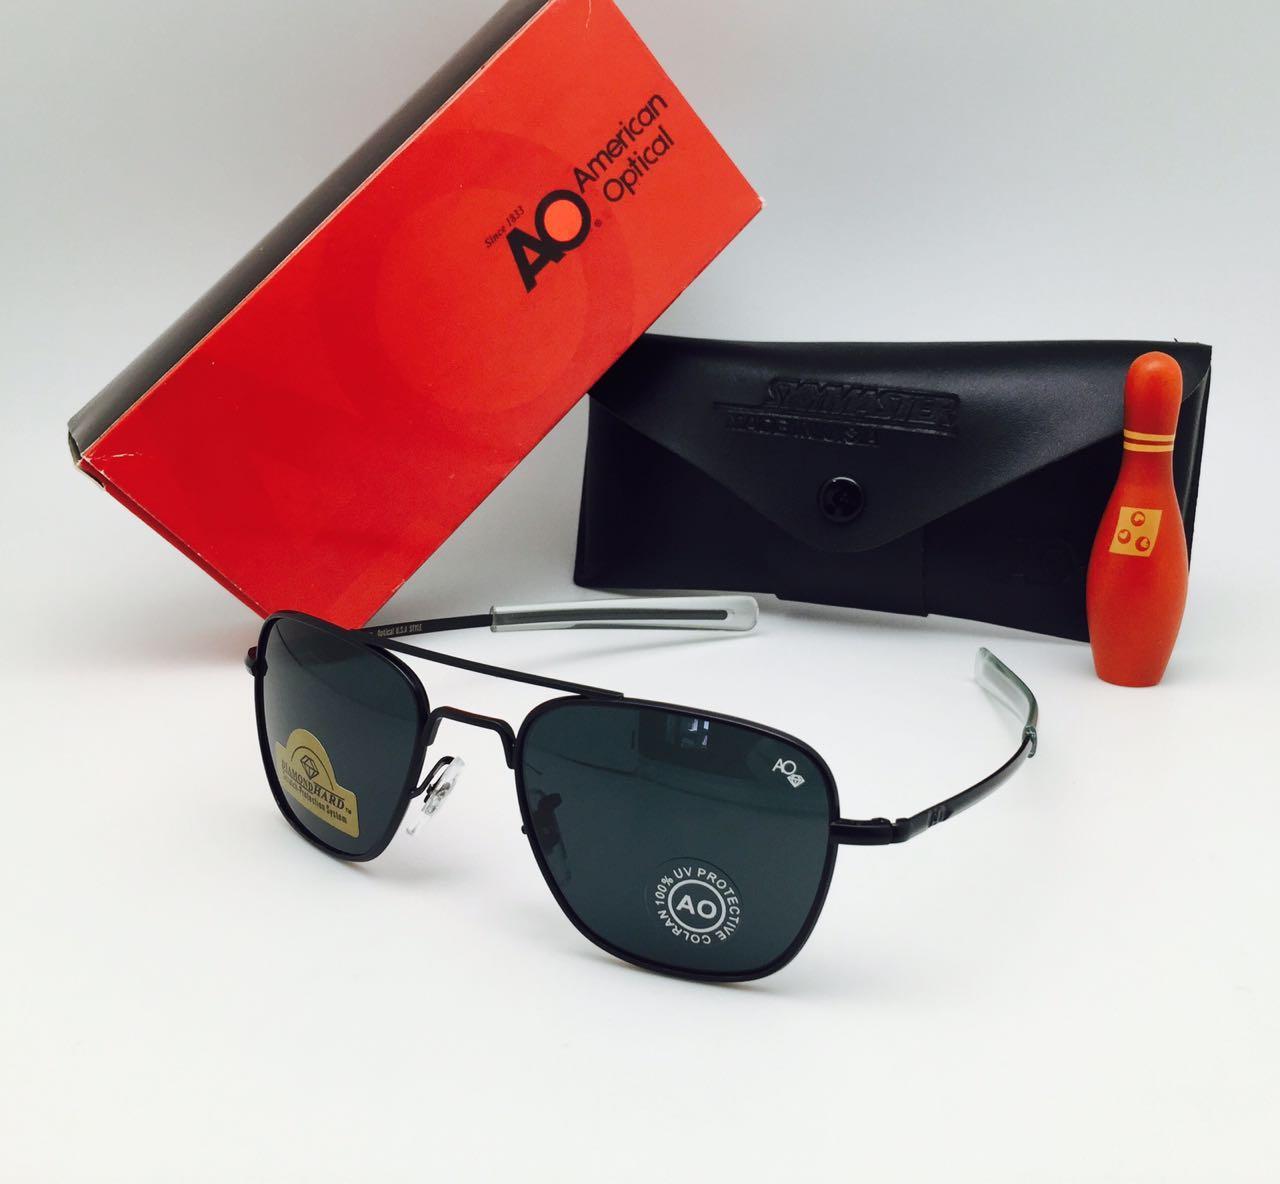 Kacamata Pria American Optical Polarized Kacamata Fashion Kacamata Sport Kacamata Outdoor - Frame H